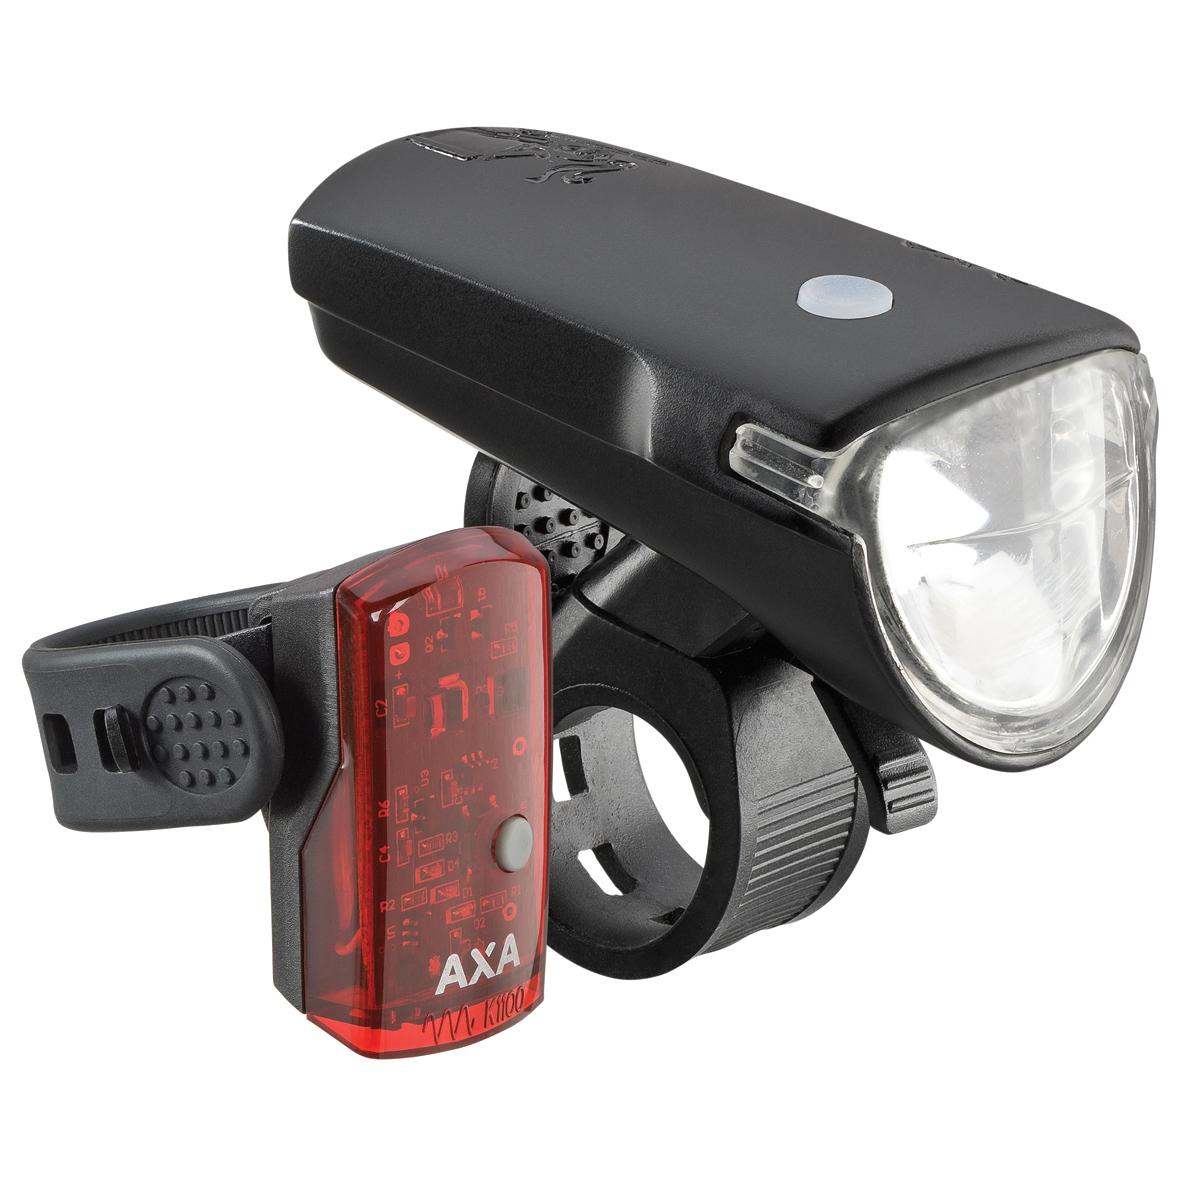 AXA GREENLINE set 35 lux / USB nabíjení / indikátor baterie / zadní světlo 1 LED